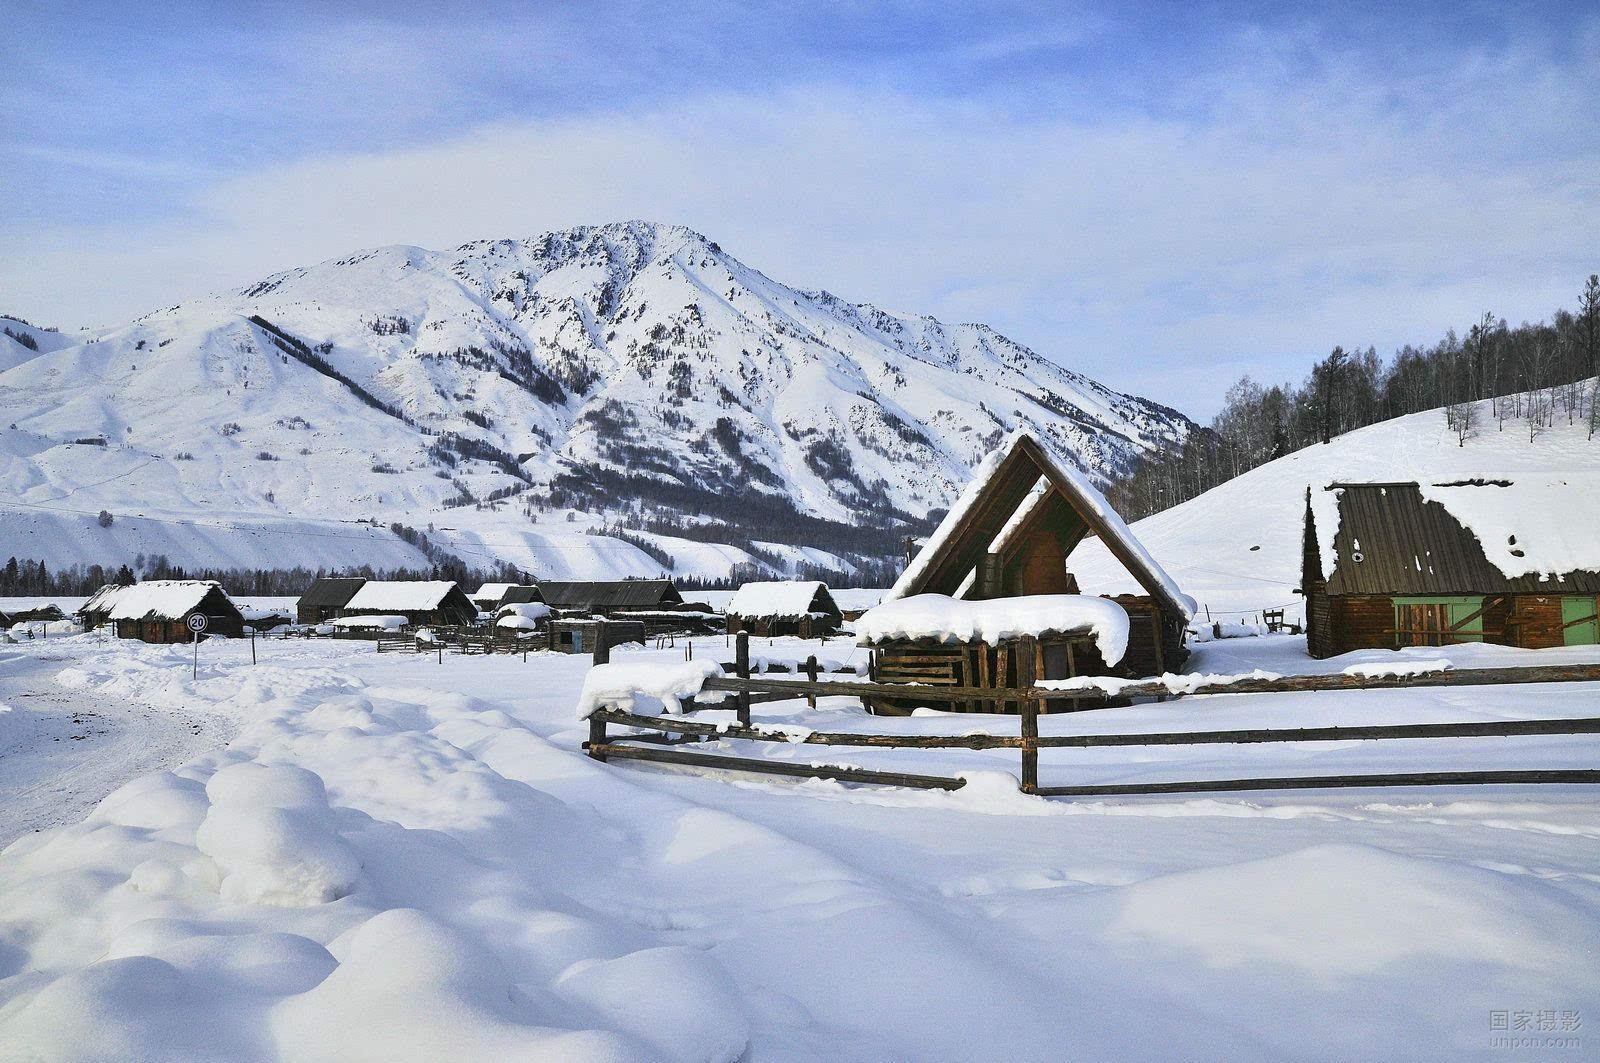 黑灰色木屋形成鲜明对比,堆雪人,打雪仗,拍雪景……这就是冬天的禾木